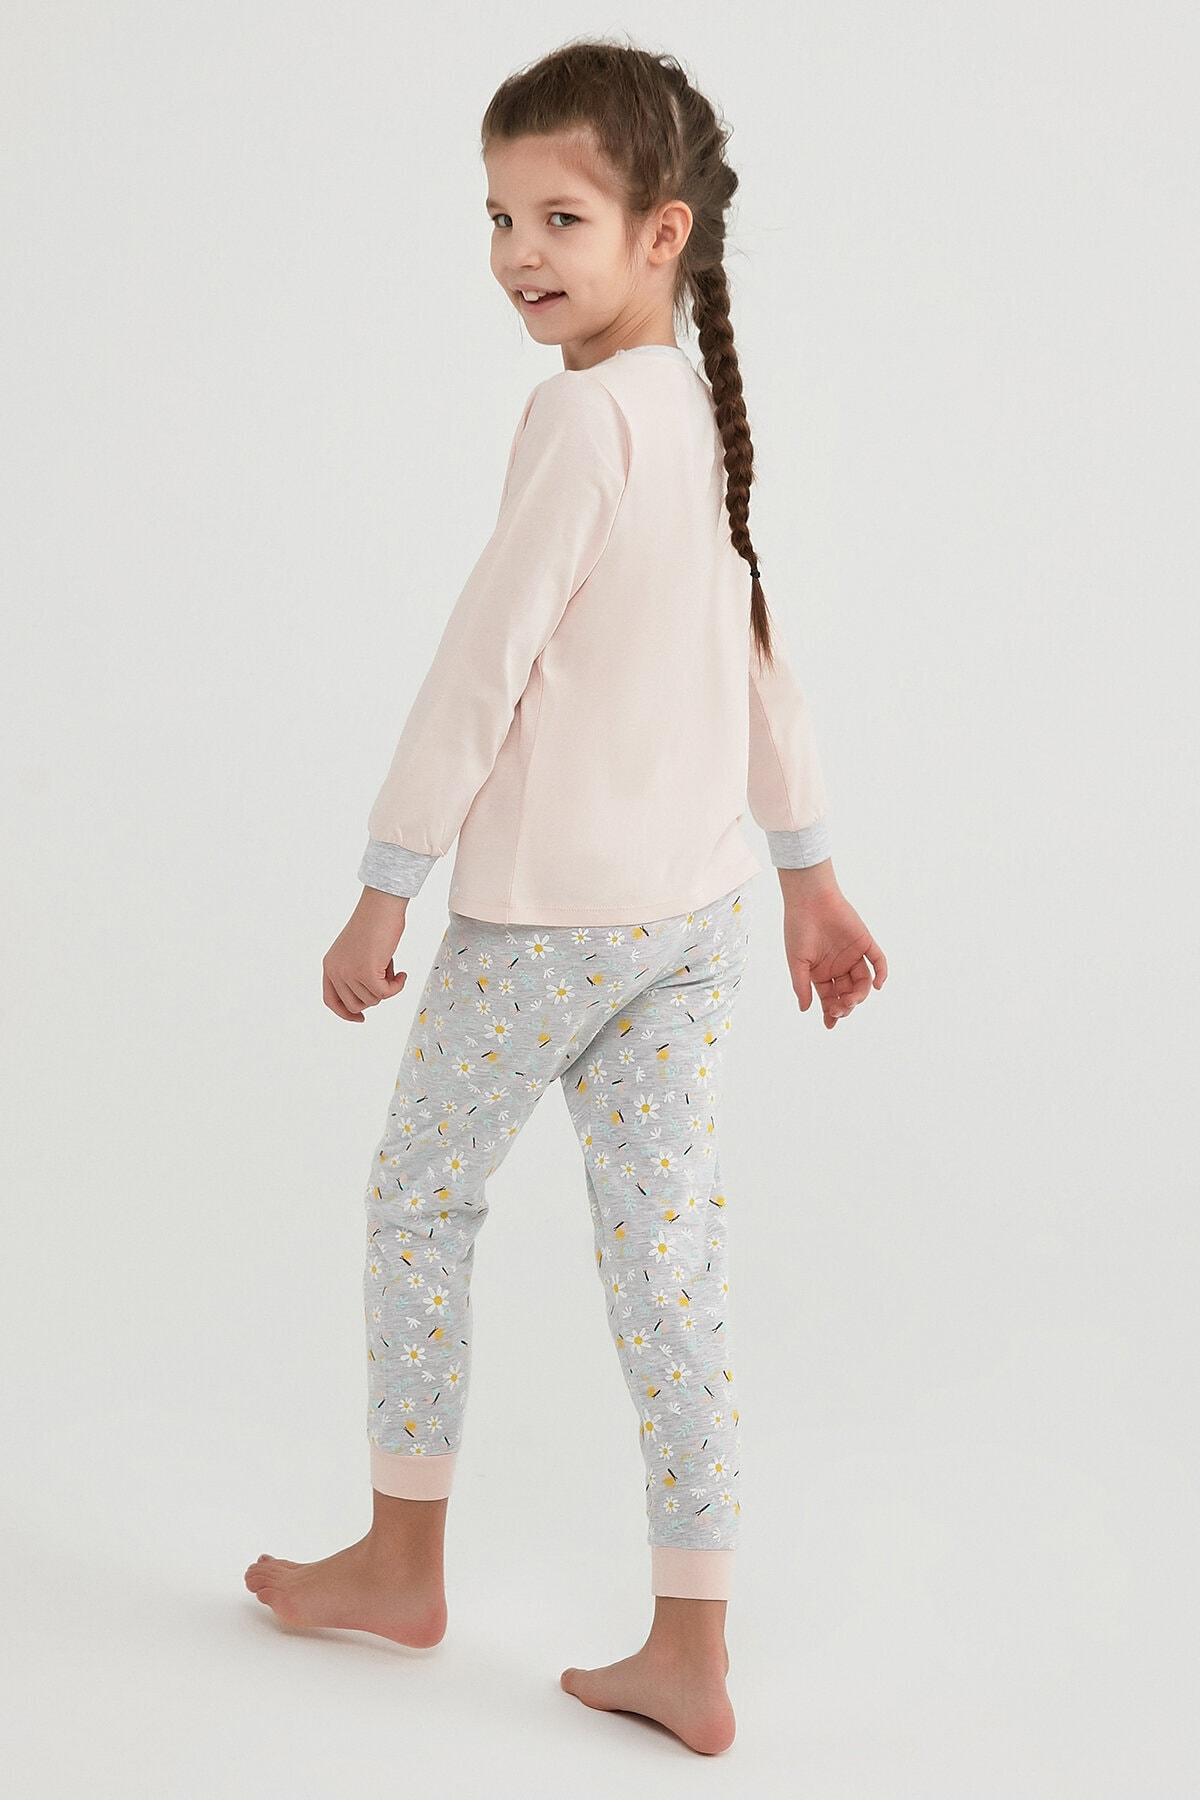 Penti Kız Çocuk Çok Renkli Campıng Joy Ls 2li Pijama Takımı 3